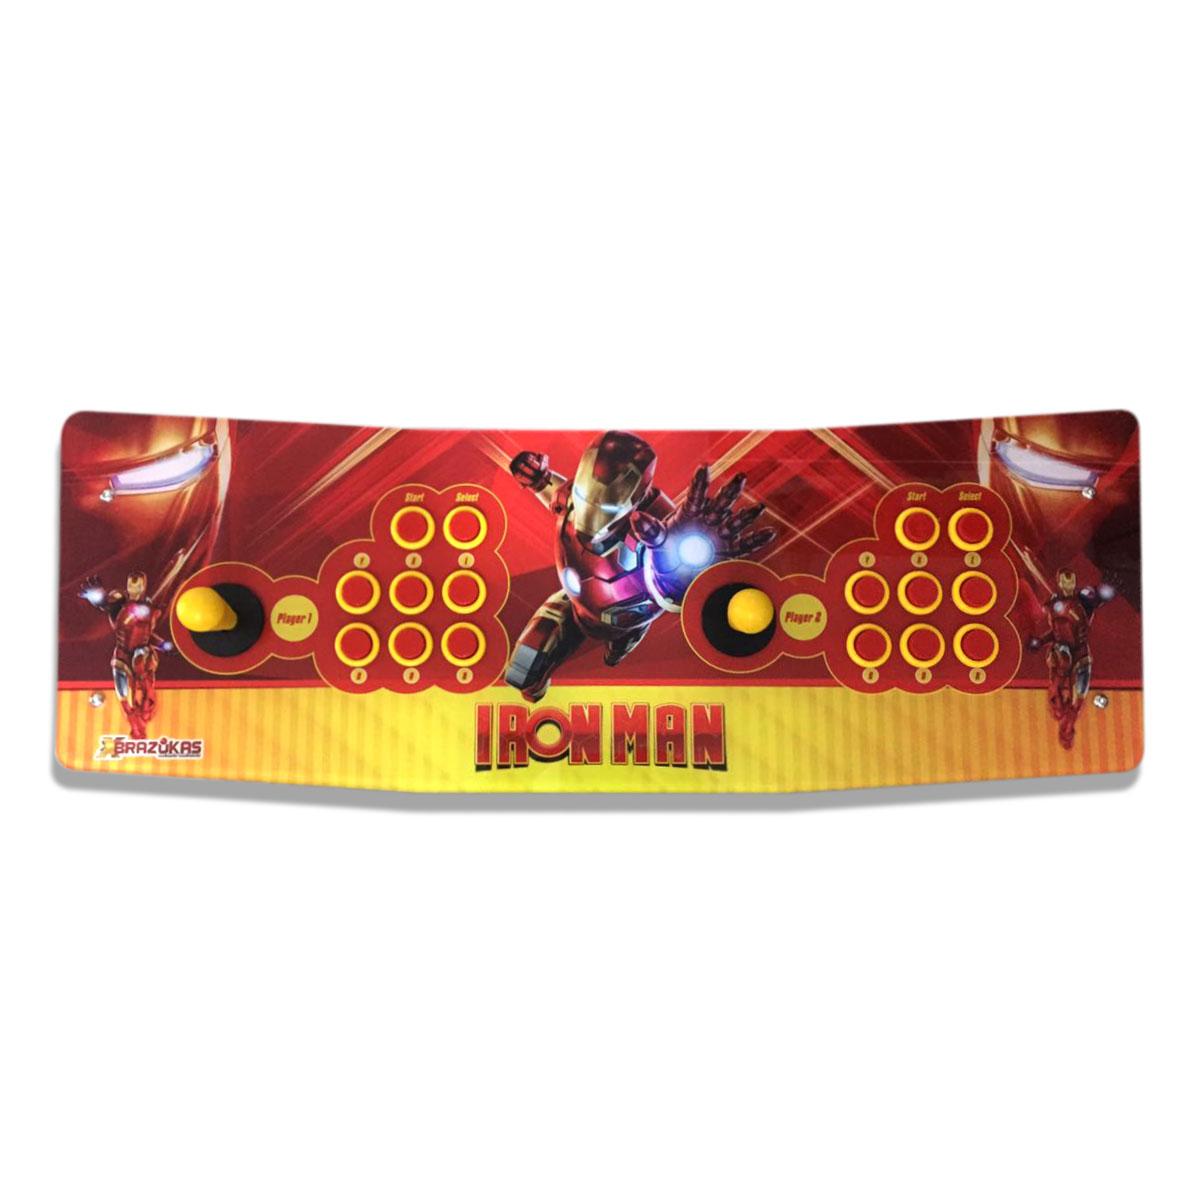 Máquina Fliperama (Controle Duplo Arcade) com desenho do Homem de Ferro (Iron Man)